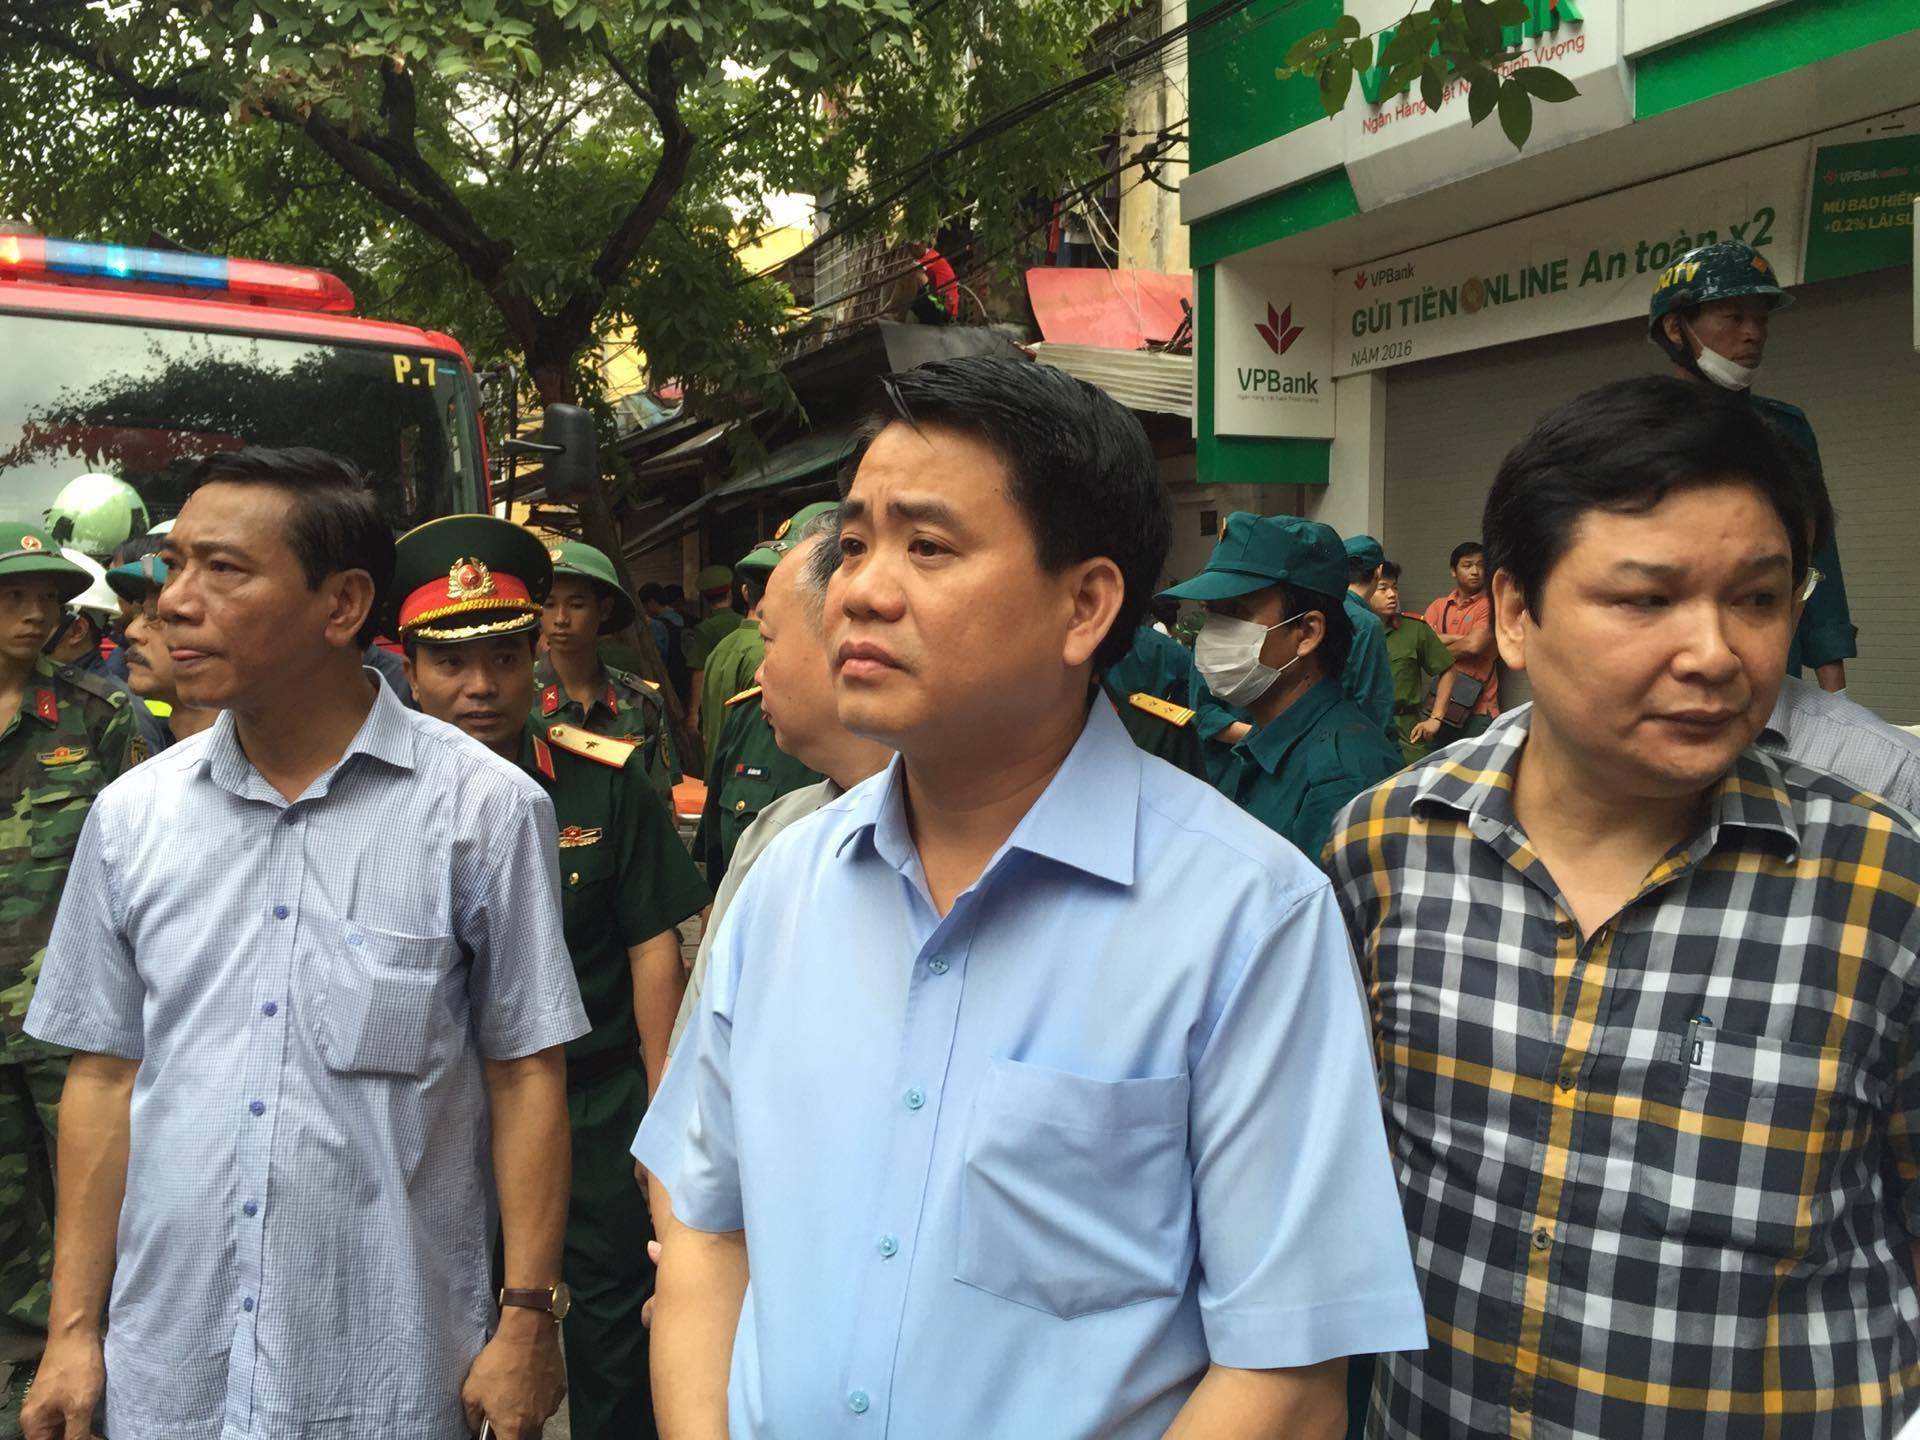 Sập nhà 4 người mắc kẹt tại Hà Nội, 2 nạn nhân tử vong - Ảnh 4